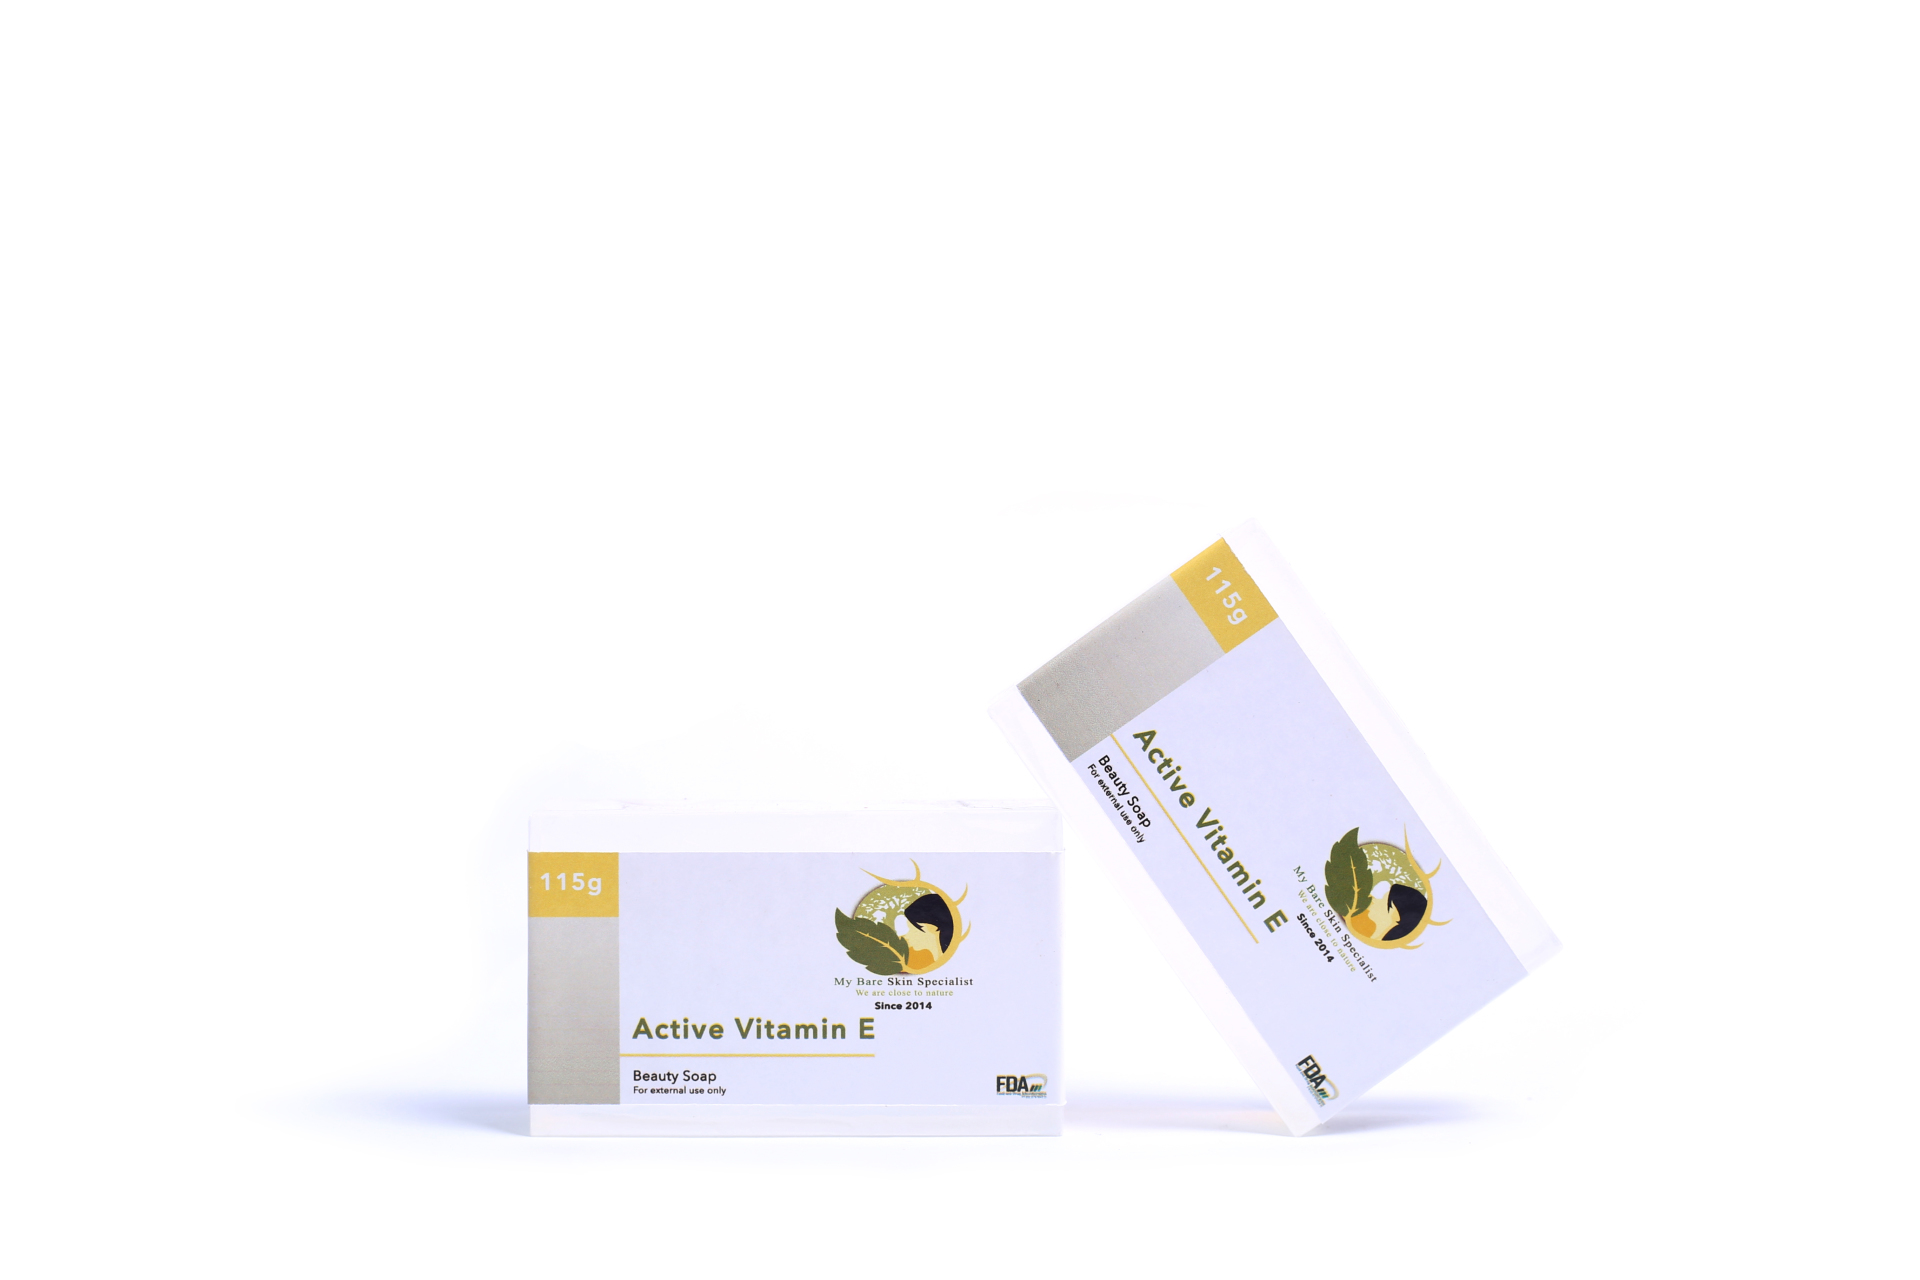 Active Vitamin E